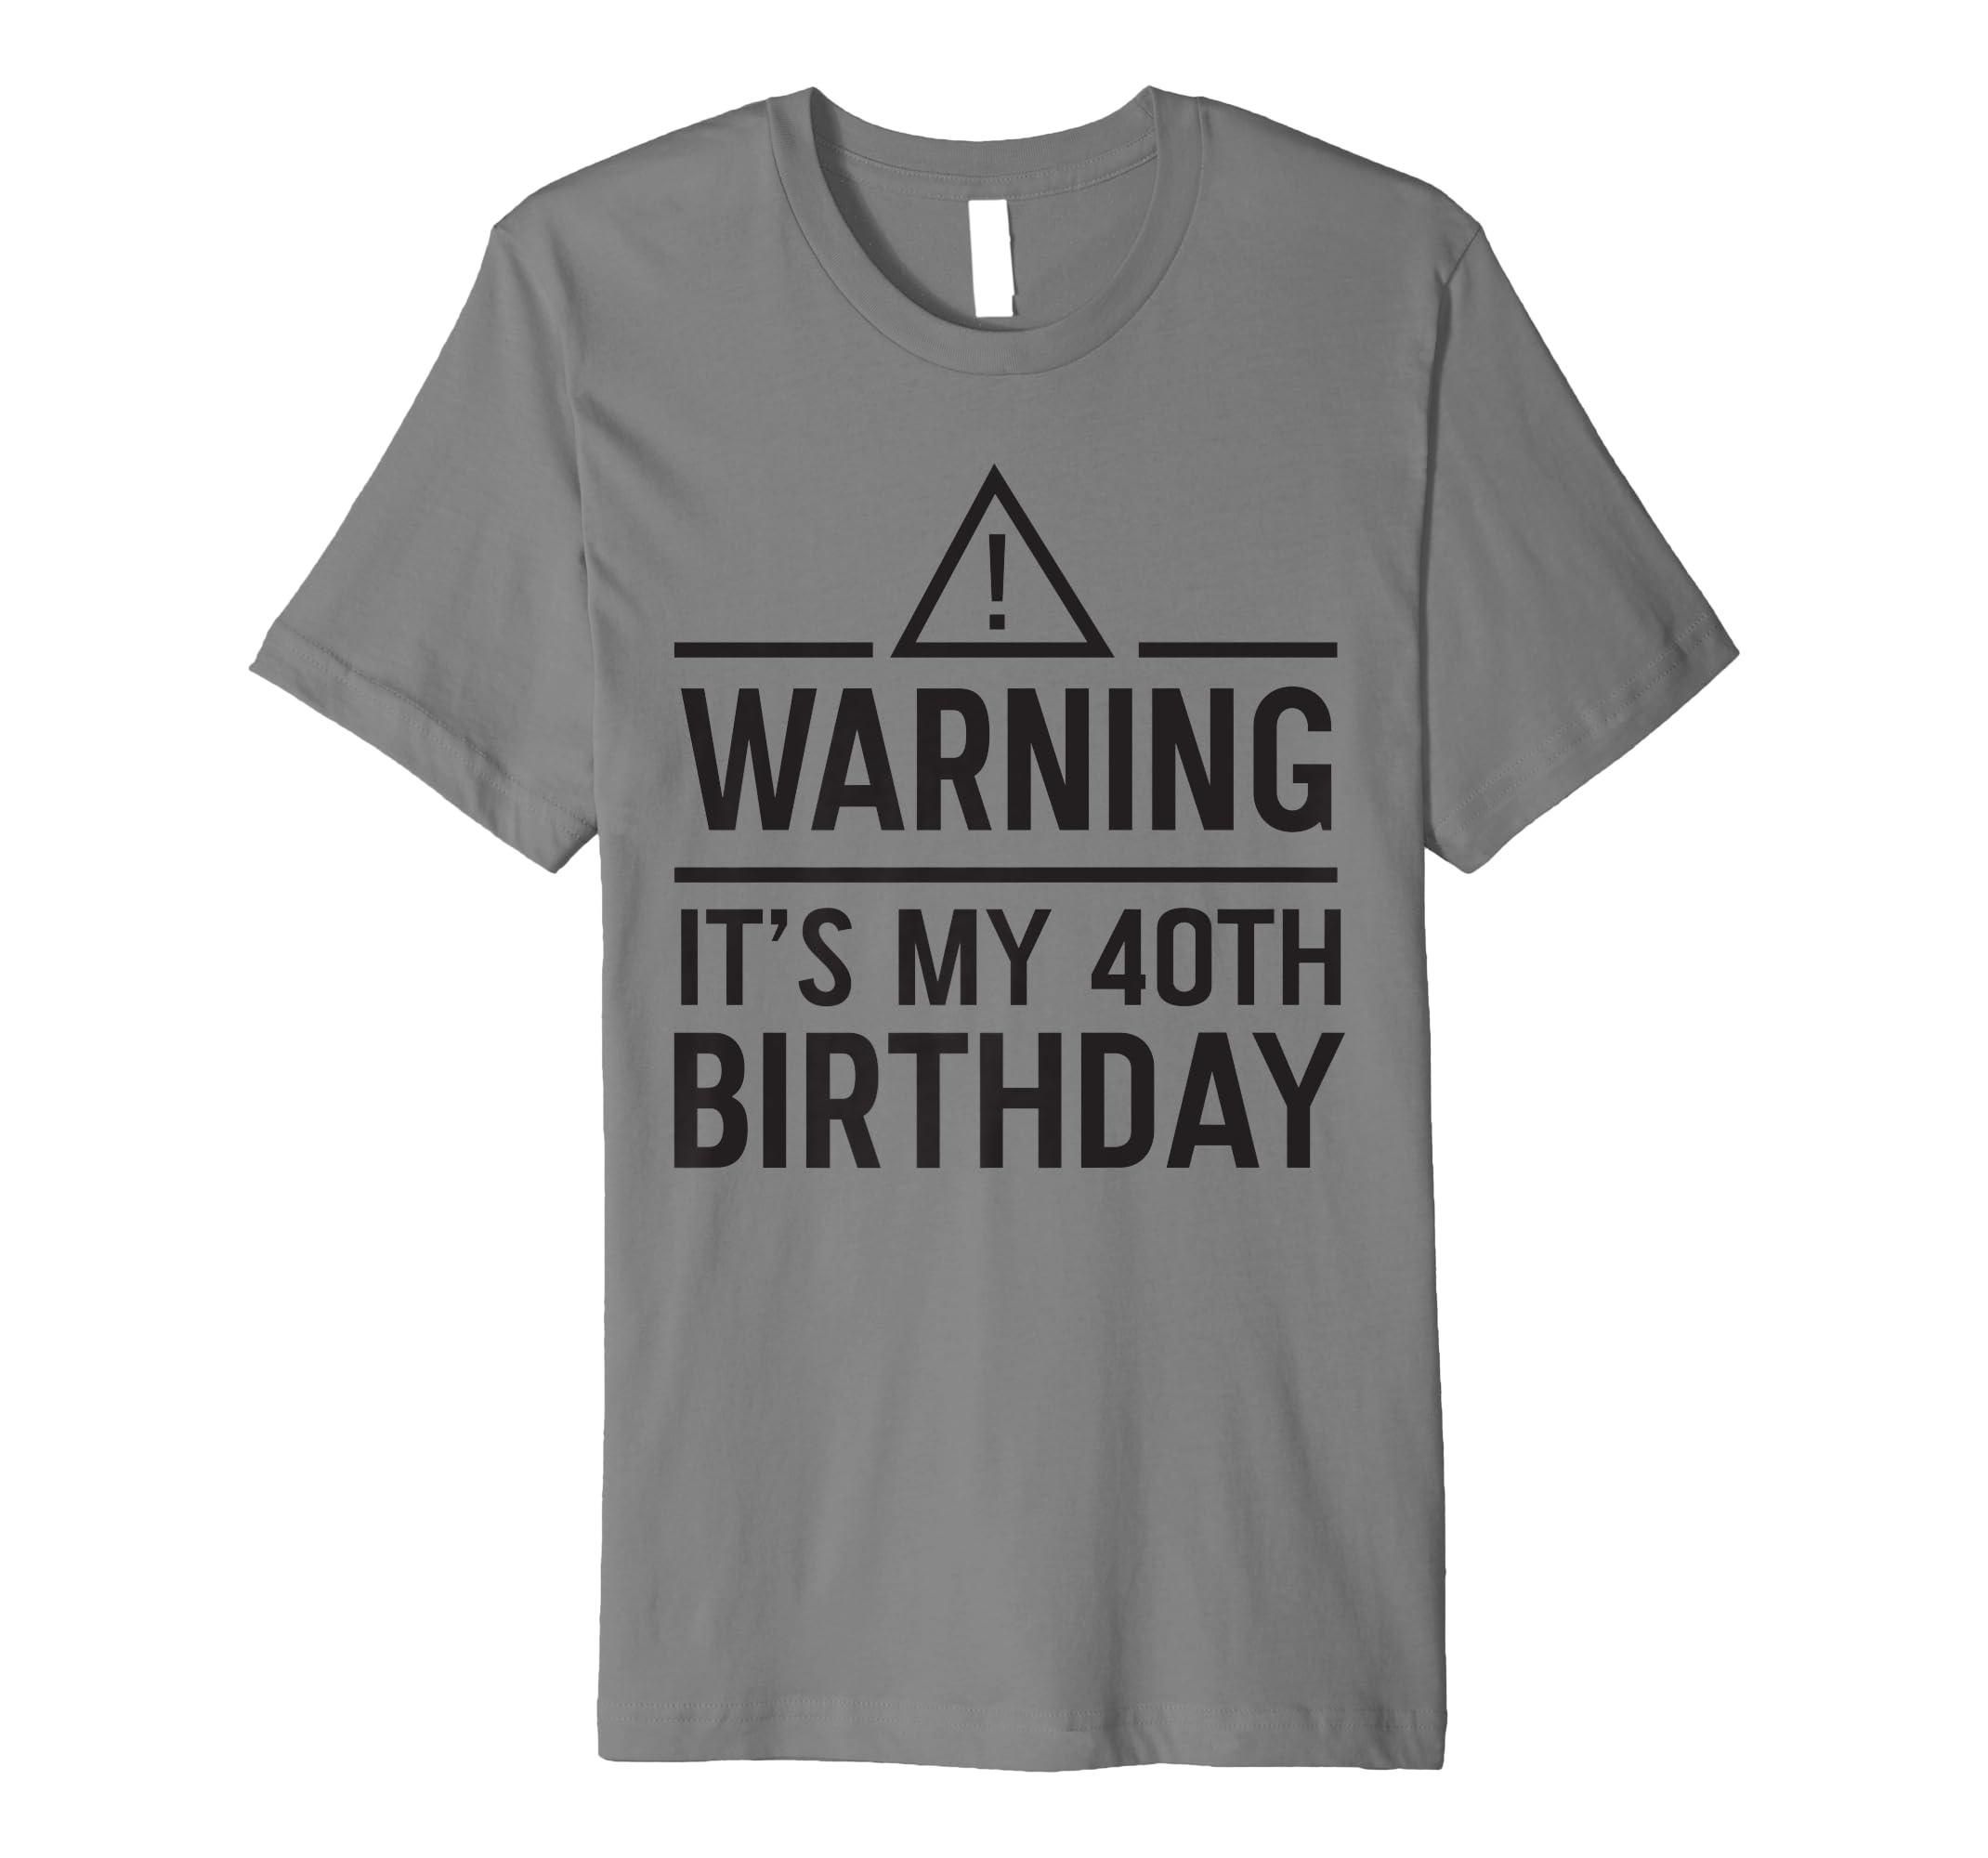 4b738b13dad Amazon.com  Warning it s my 40th birthday t-shirt  Clothing